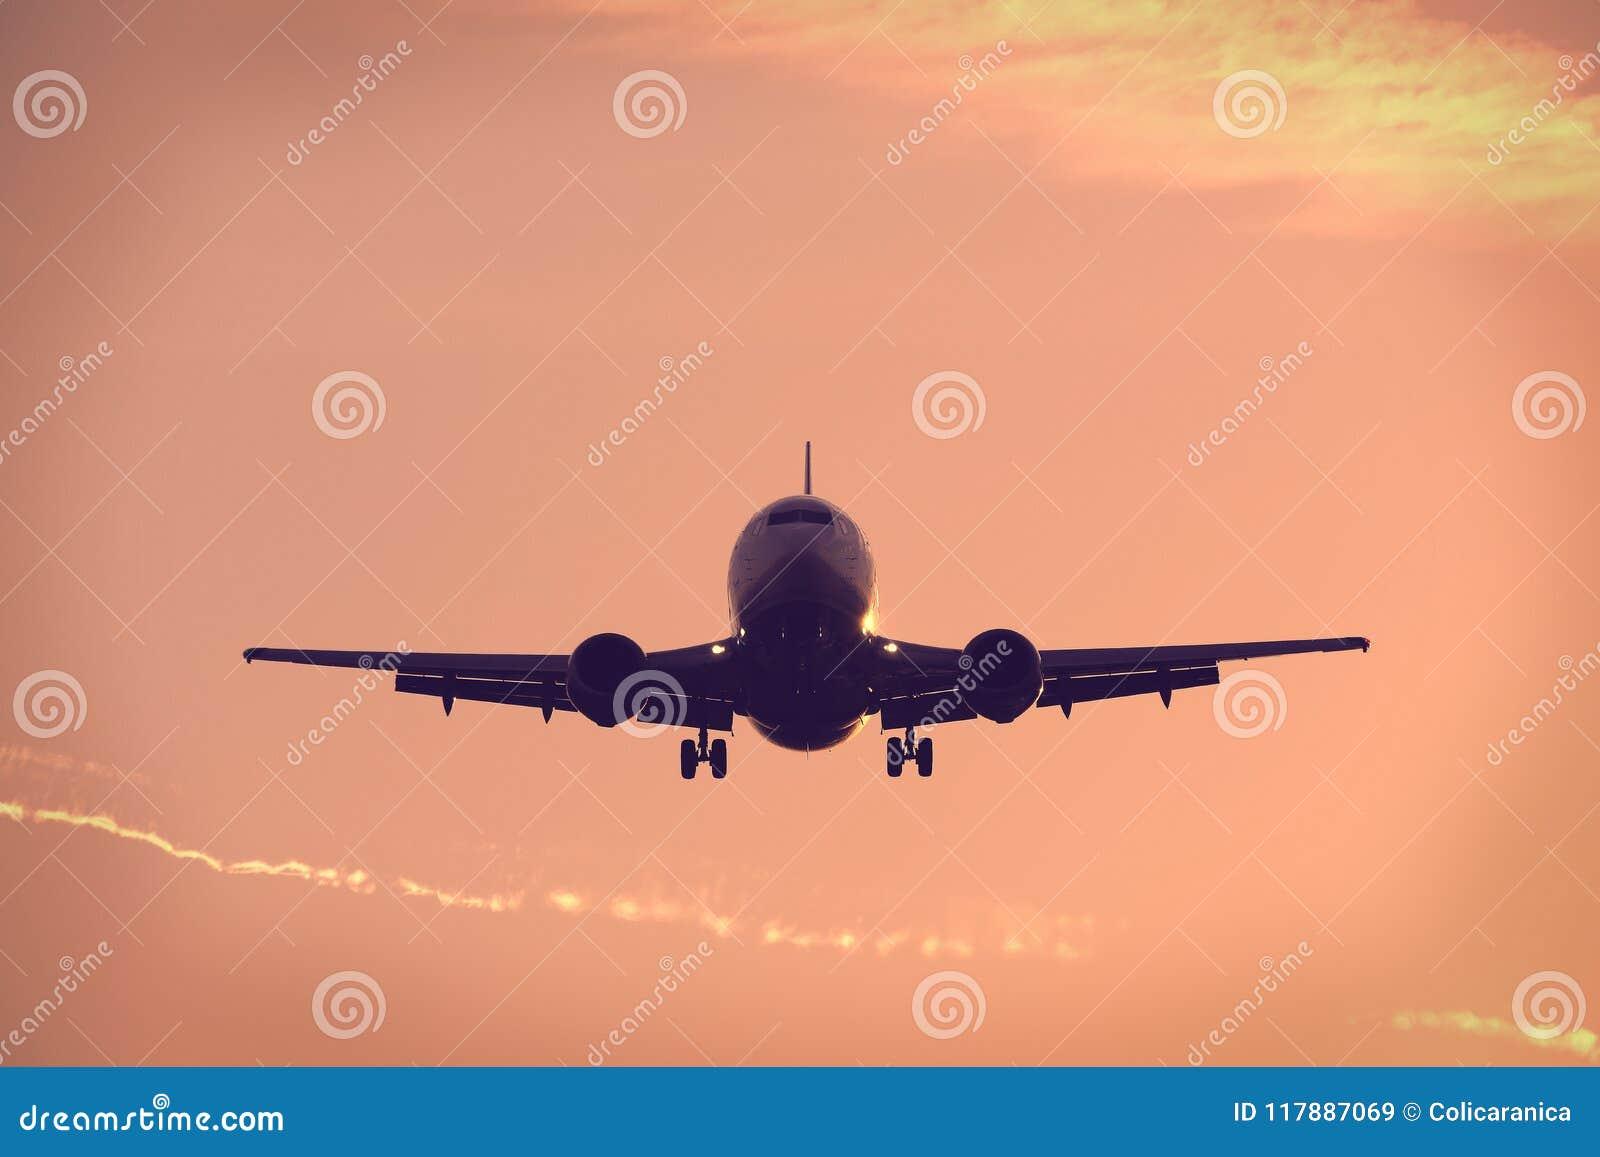 Silueta de volar plano para arriba en el cielo azul, aterrizando